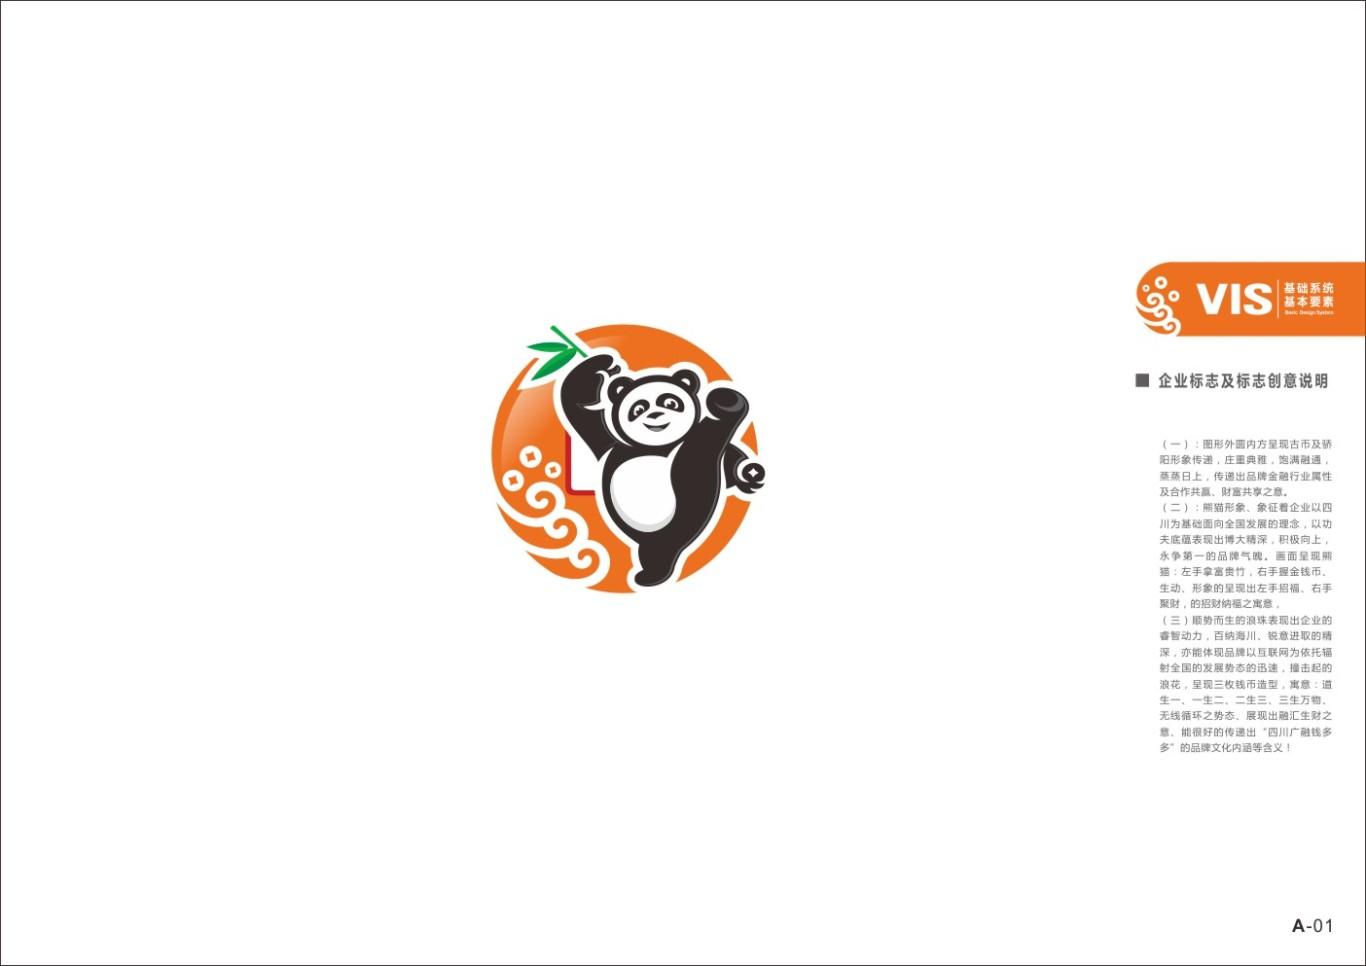 四川广融钱多多品牌及VI形象设计图2